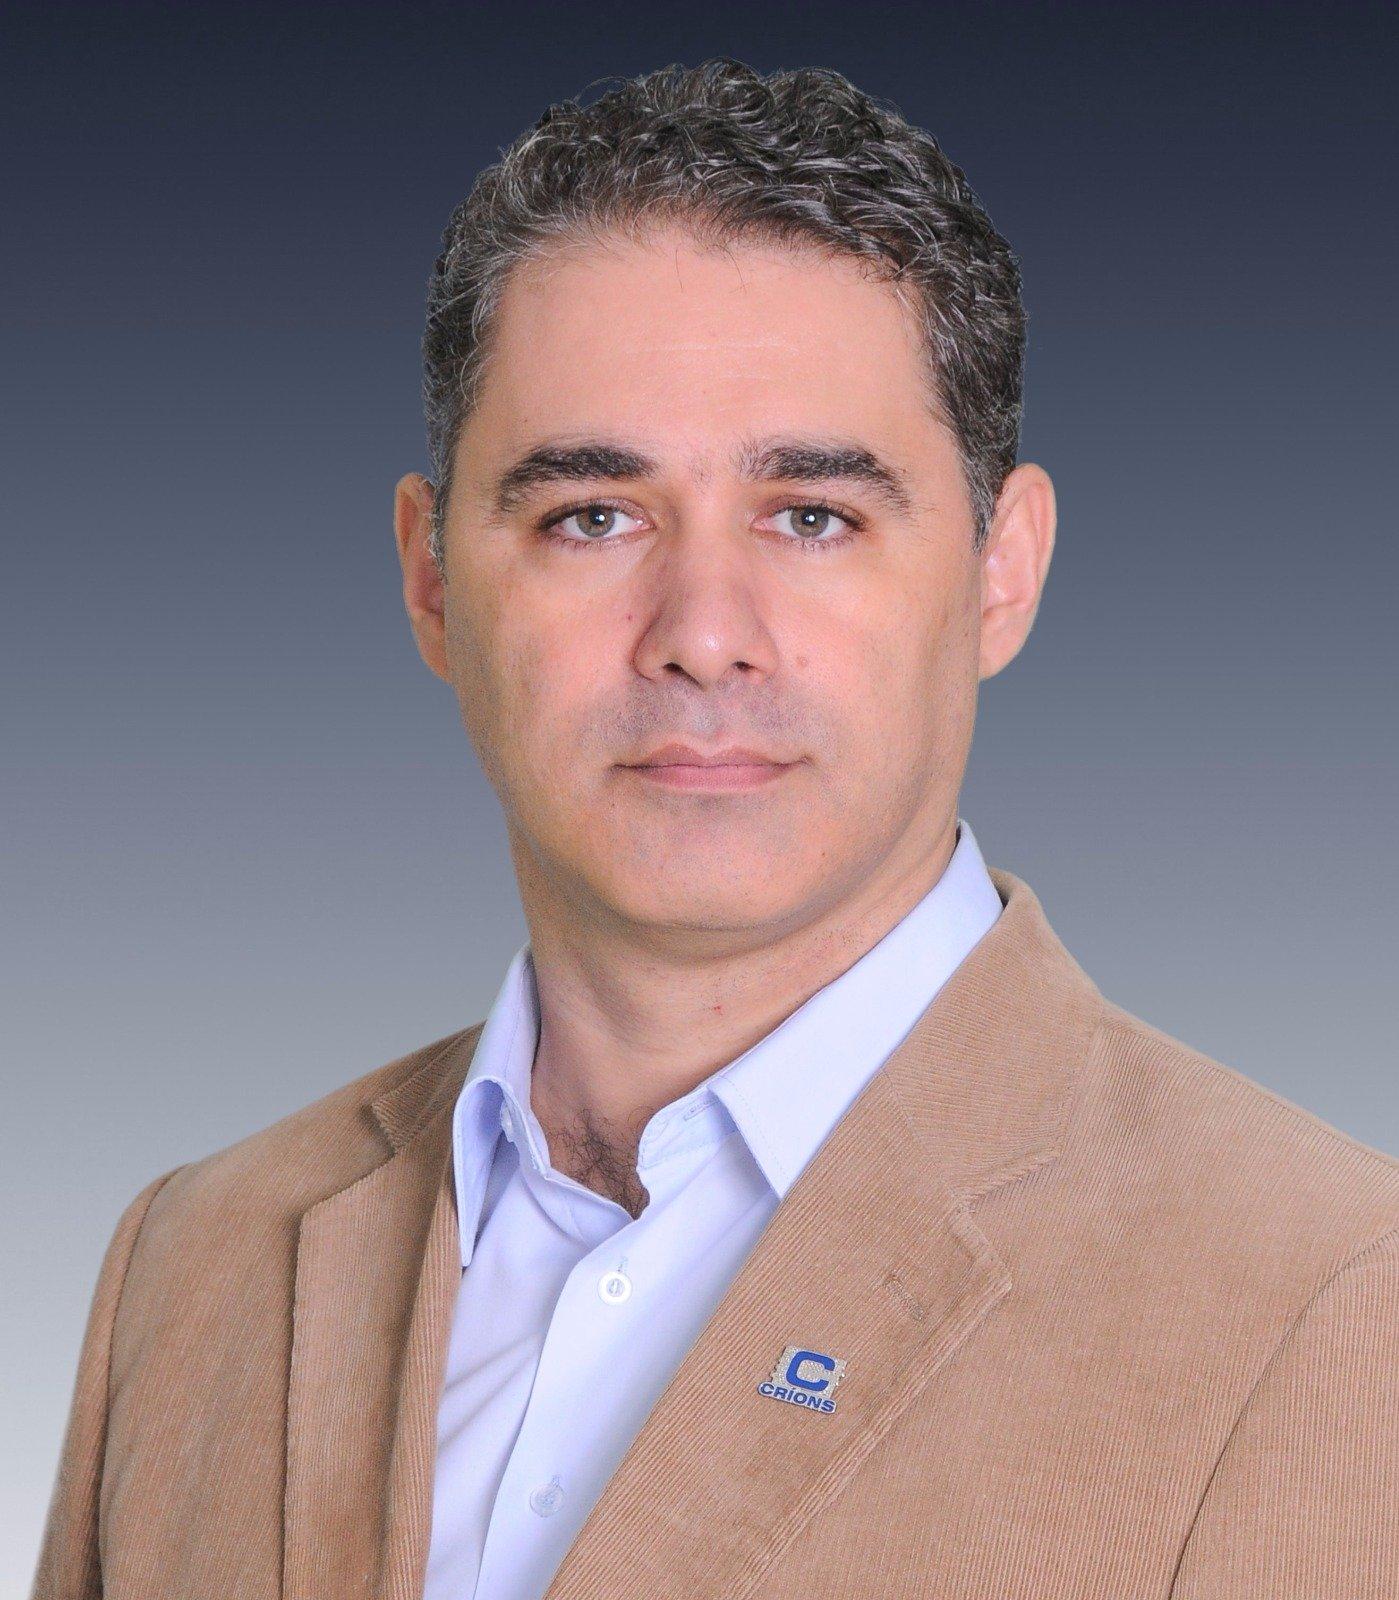 Andreluiz de Sousa Cunha